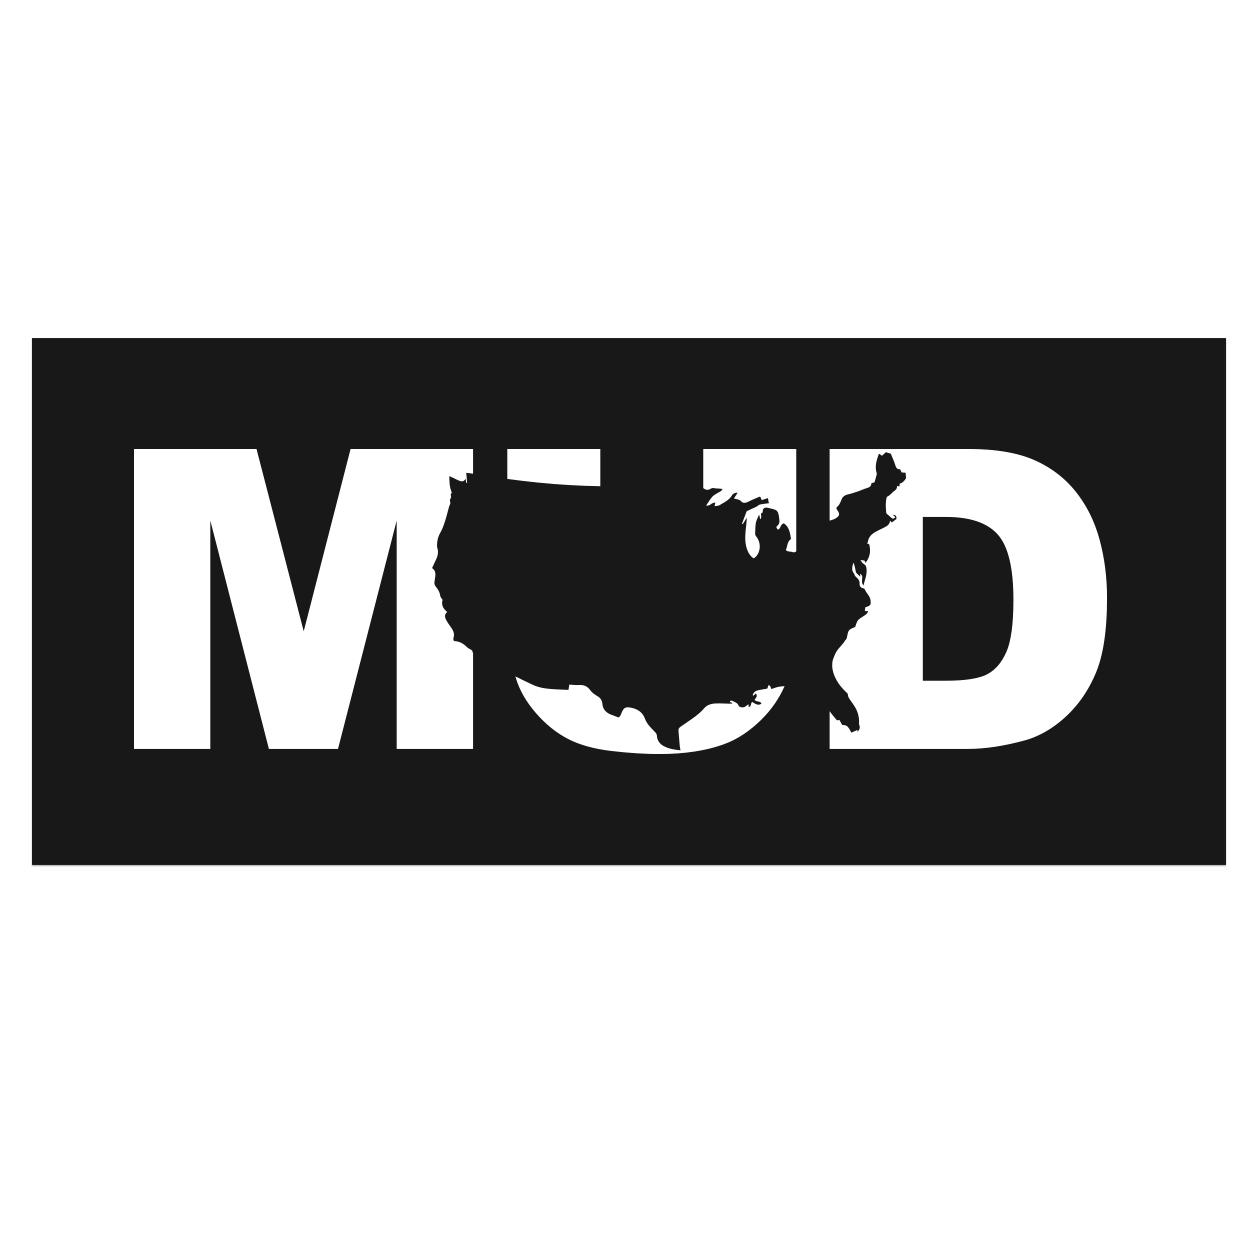 Mud United States Classic Hardboard Sign (White Logo)